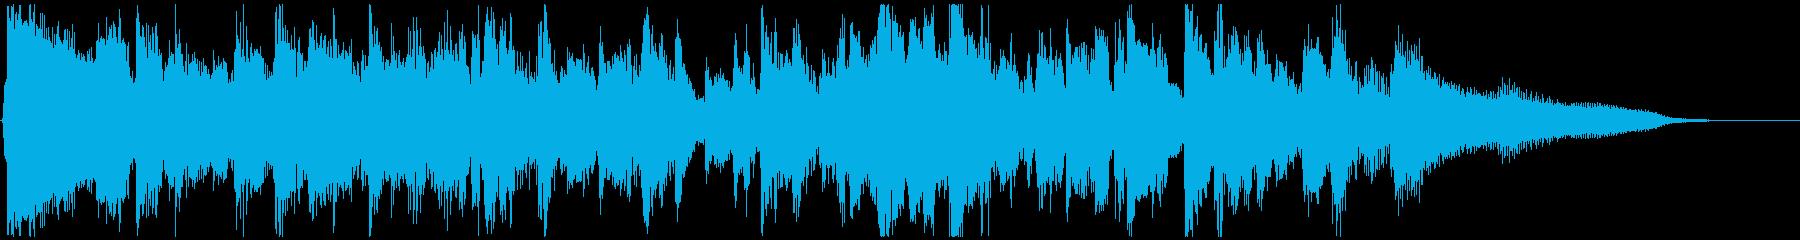 スタイリッシュなジャズジングル◆15秒の再生済みの波形